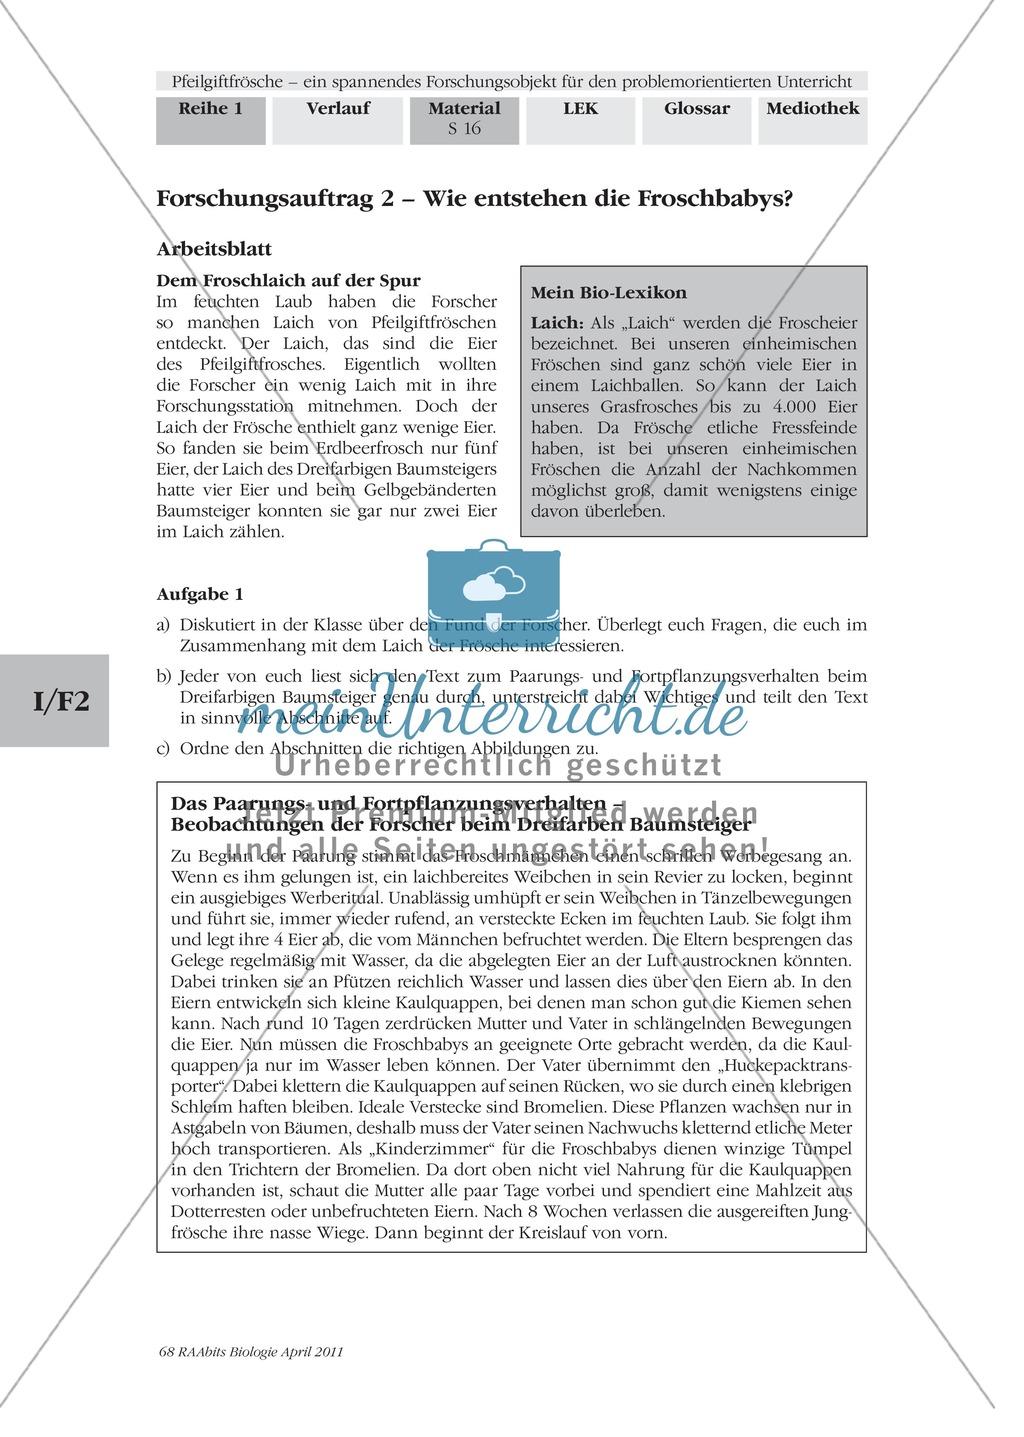 Fortpflanzung von Lurchen am Beispiel von Fröschen: Forschungsauftrag Preview 0